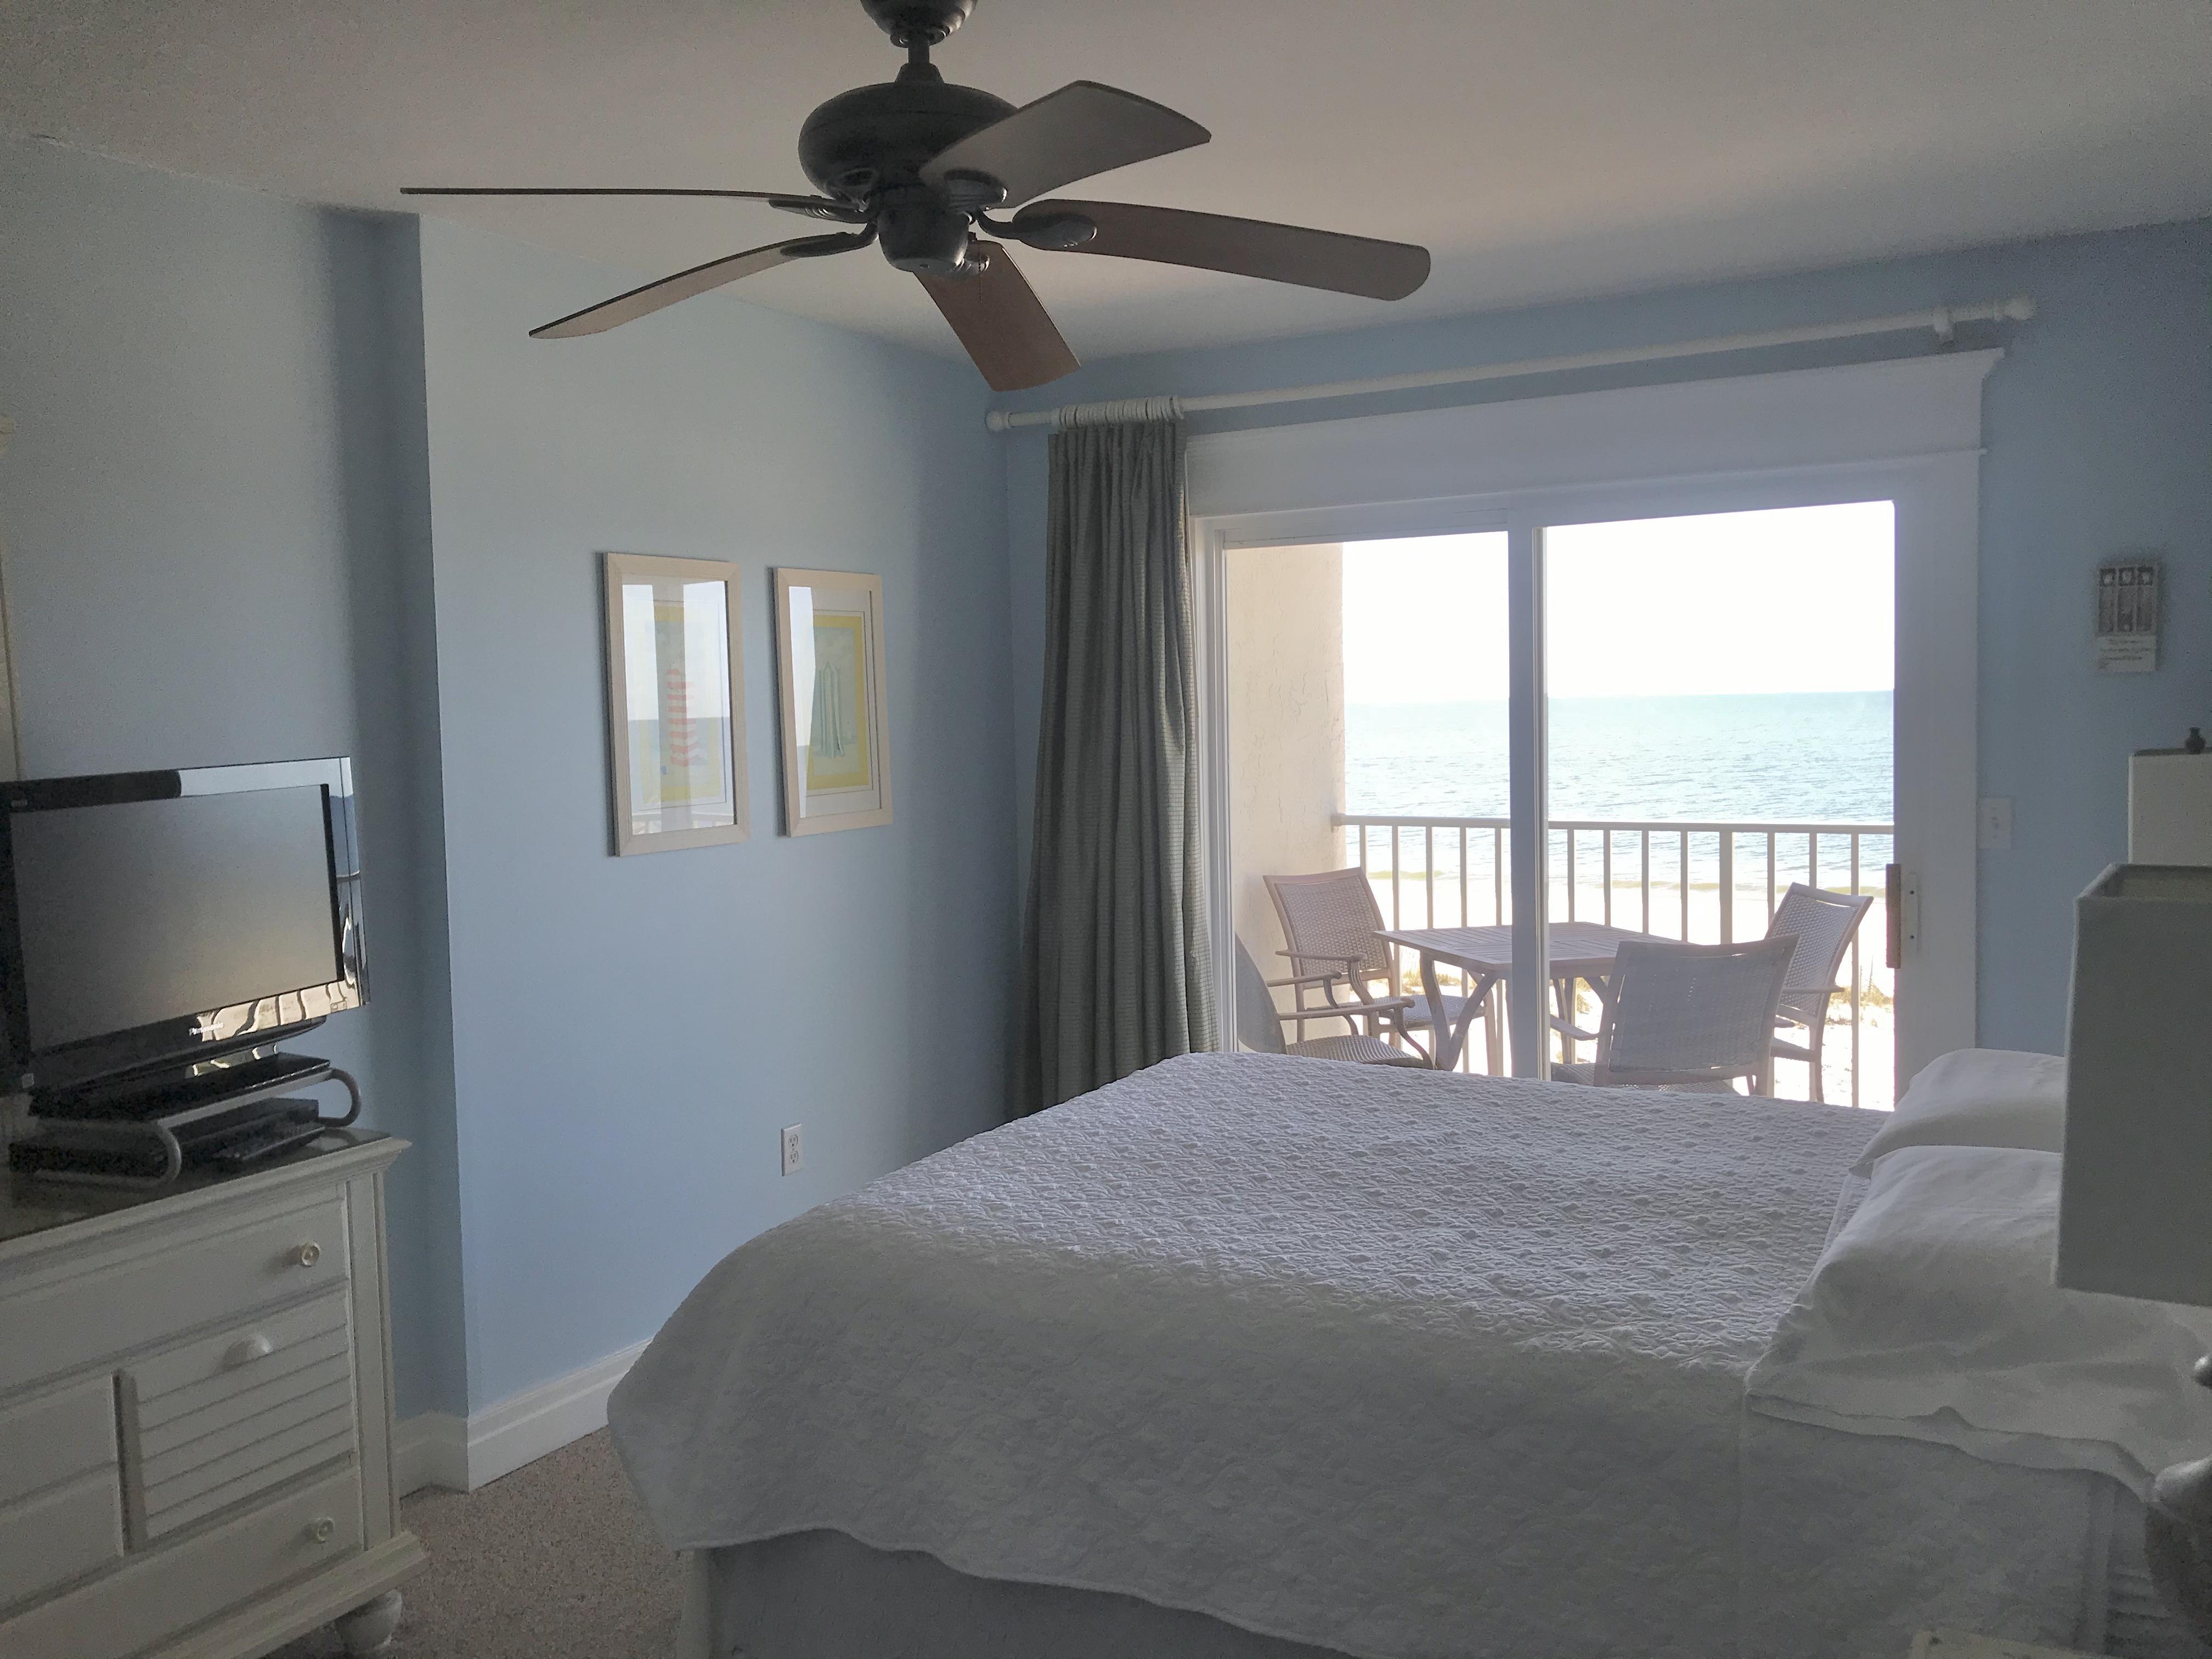 Ocean House 1303 Condo rental in Ocean House - Gulf Shores in Gulf Shores Alabama - #28